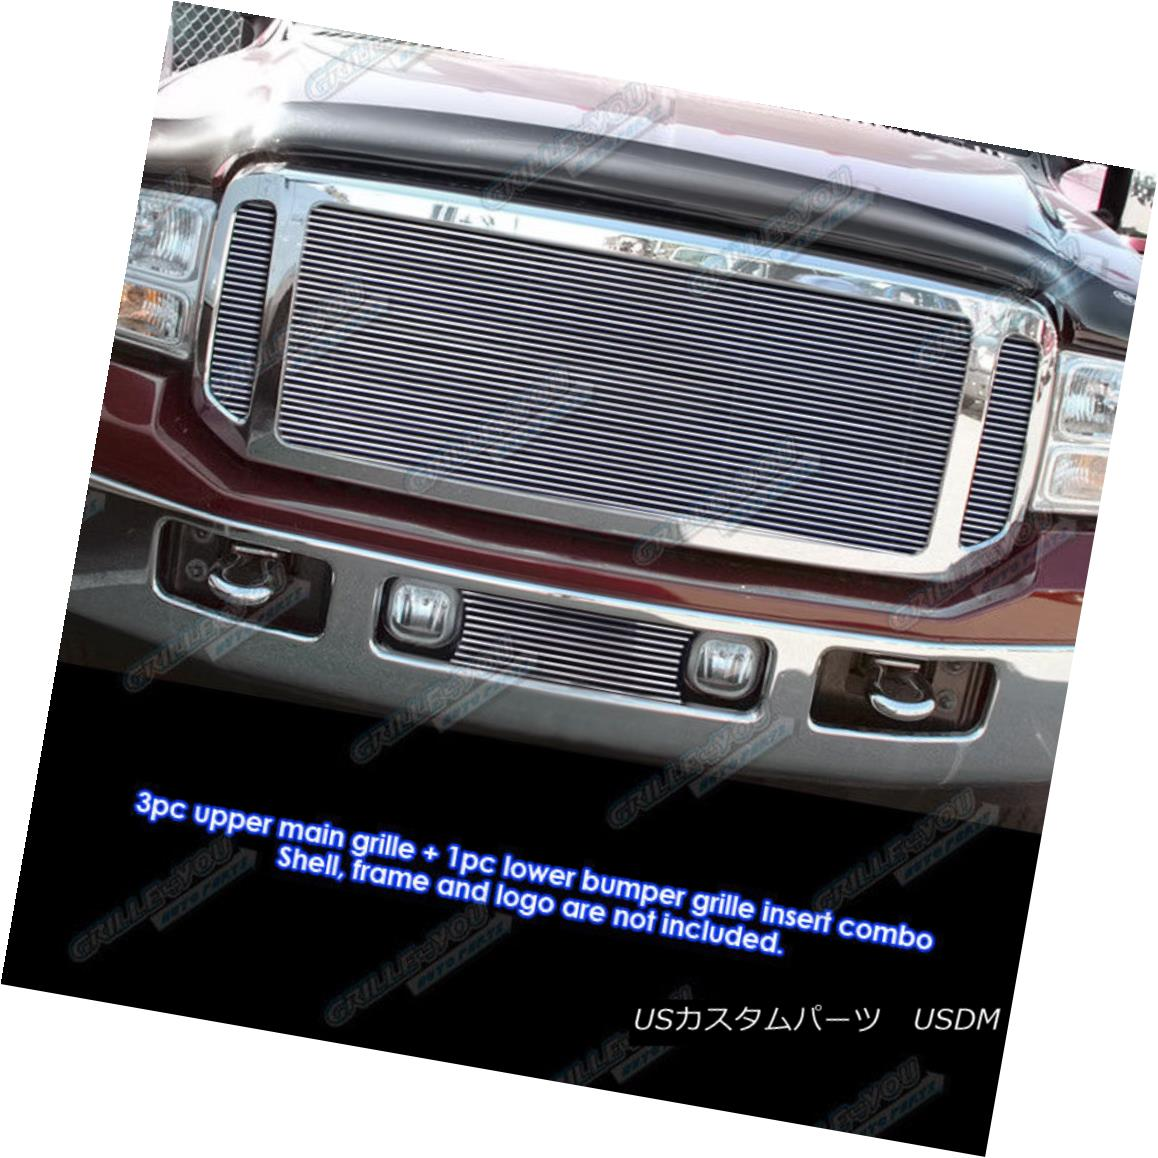 グリル Fits 2005-2007 Ford F-250/F-350/F-450/F-550 Billet Grille Combo フィット2005-2007フォードF-250 / F-350 / F- 450 / F-550ビレットグリルコンボ